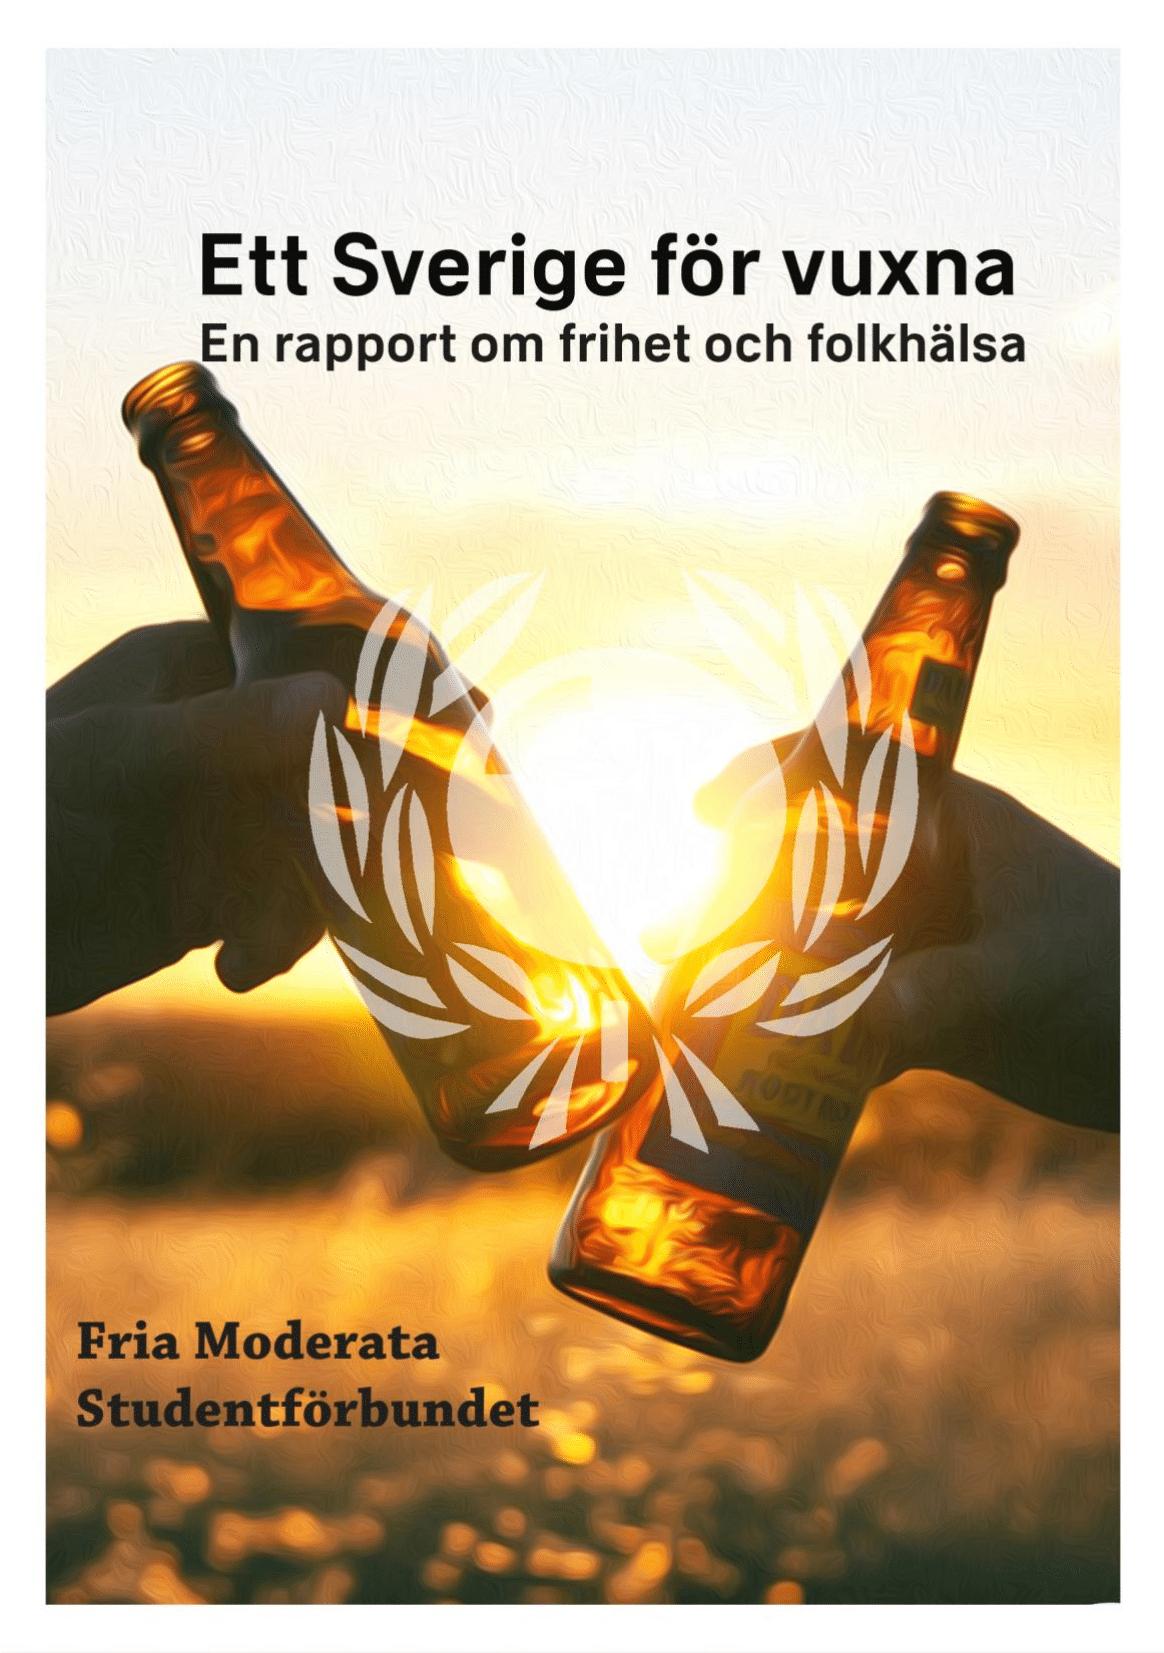 Rapport: Ett Sverige för vuxna